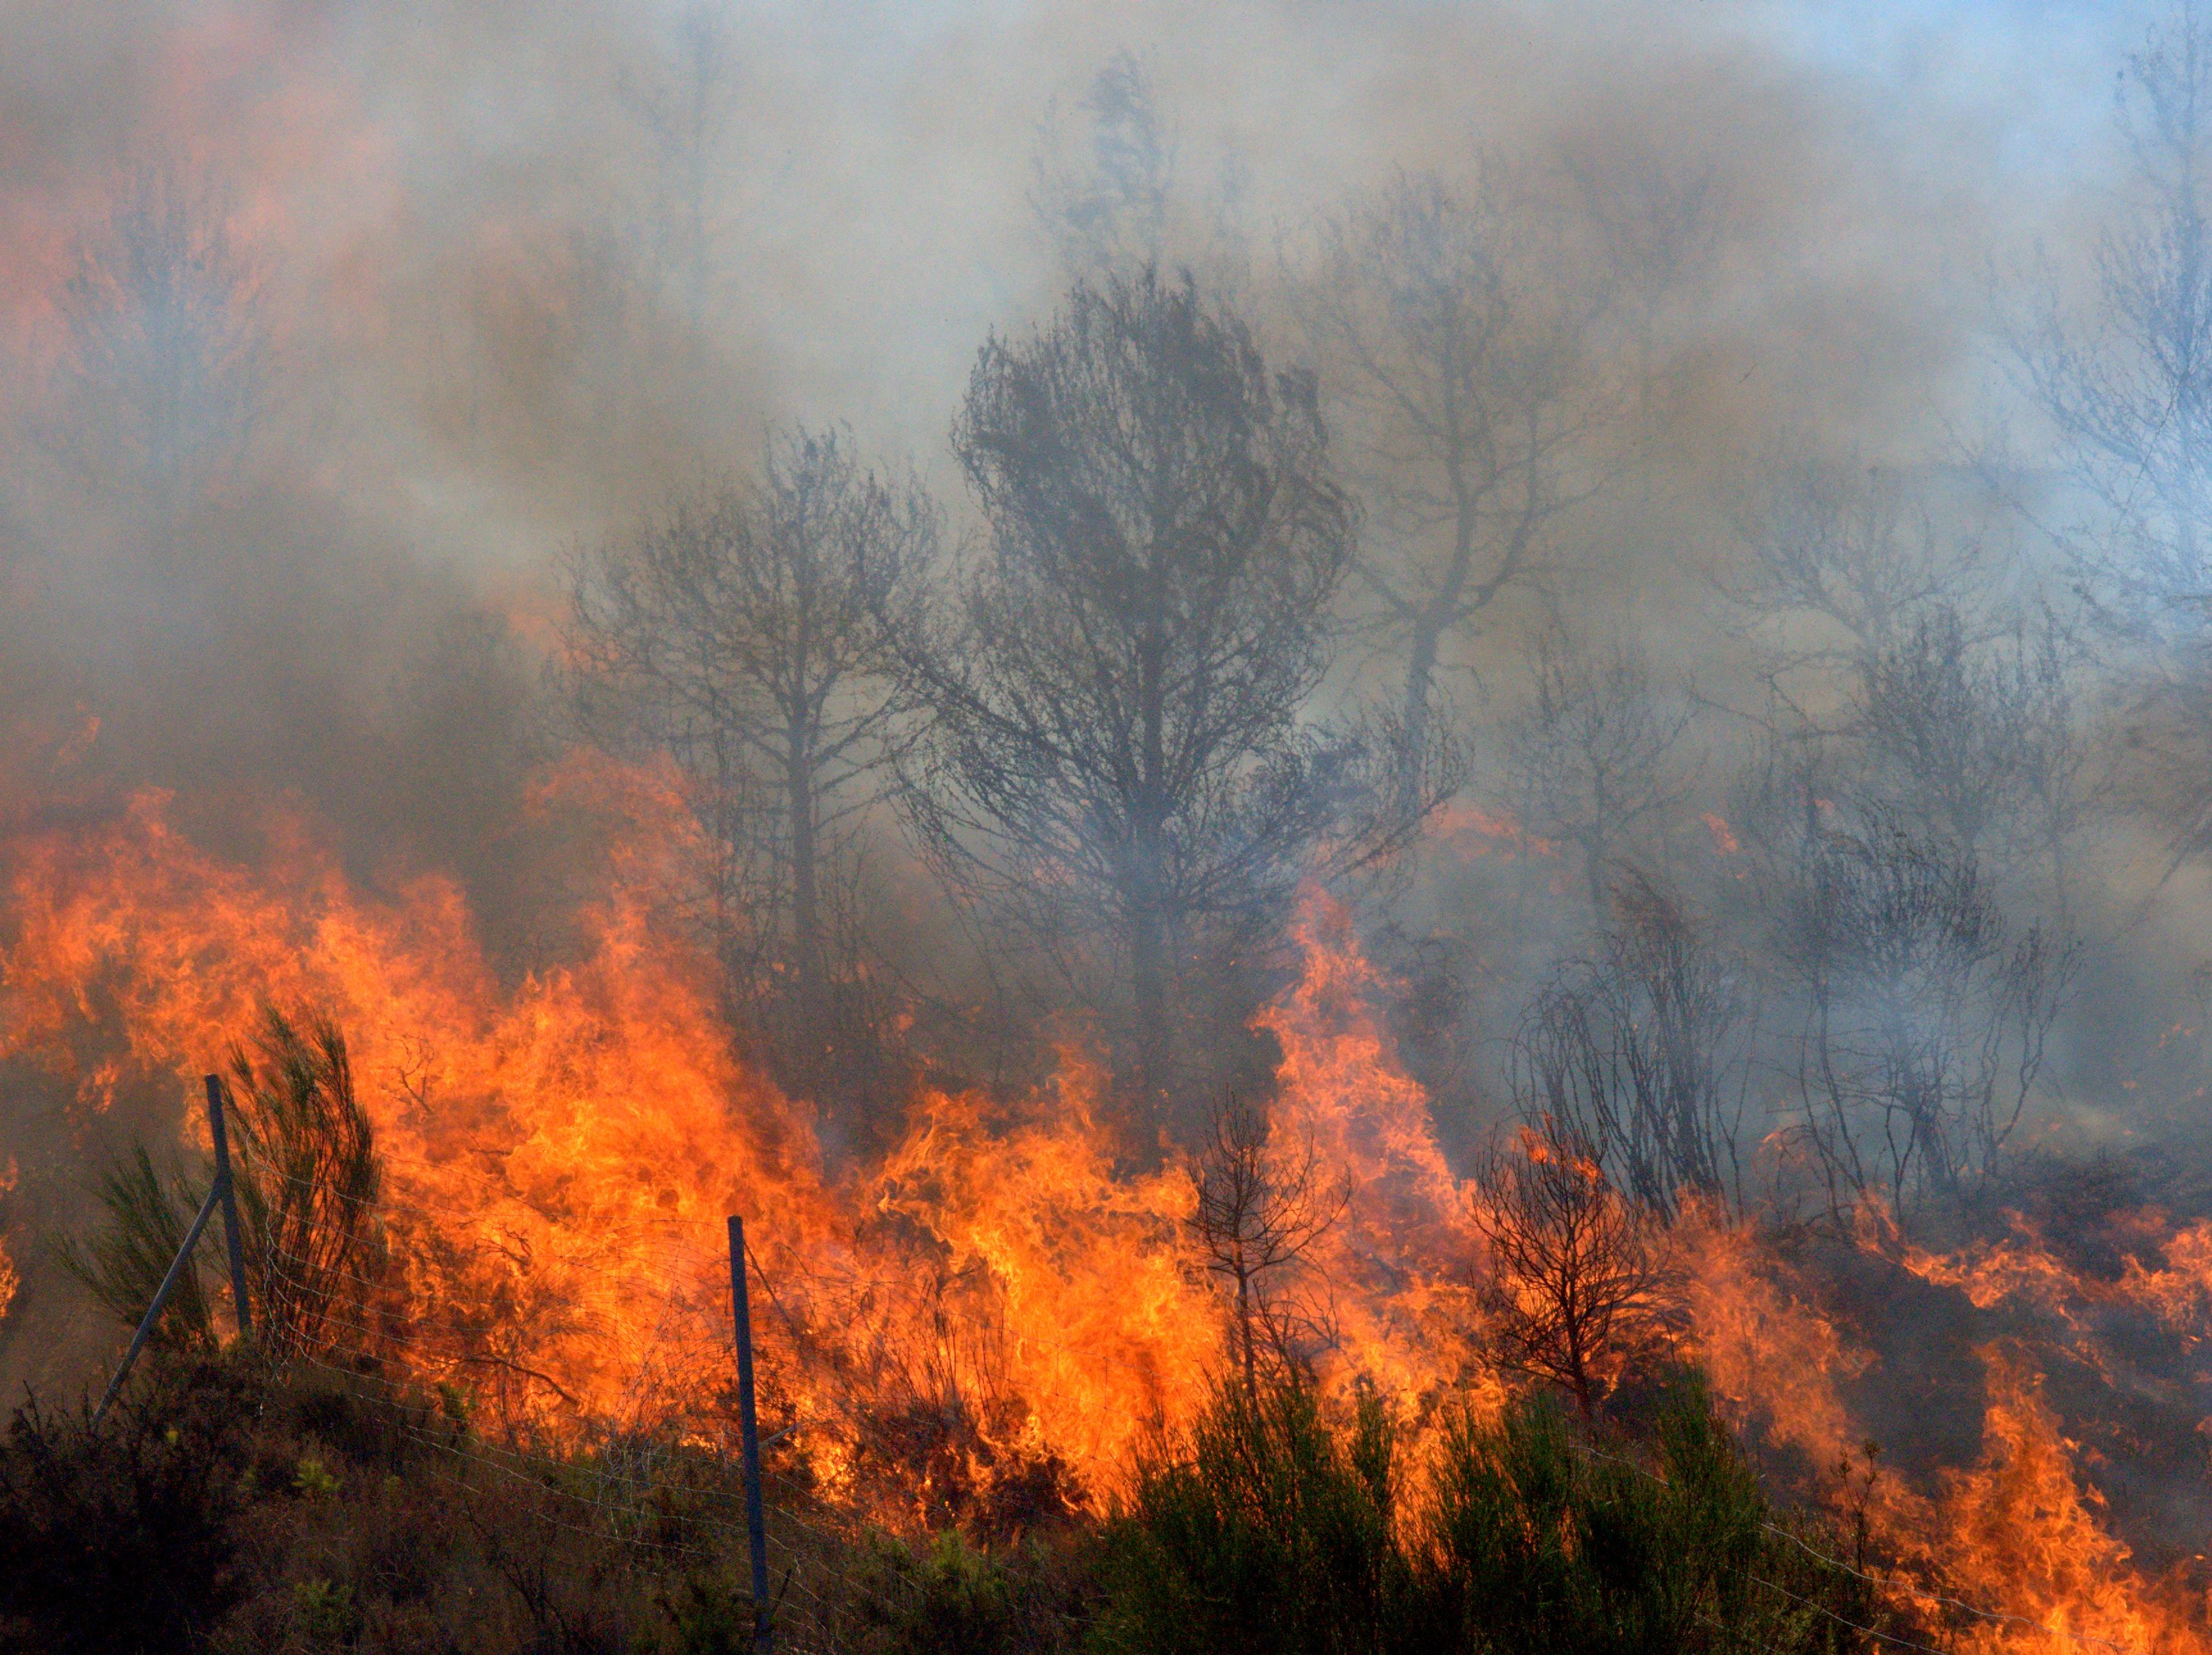 Fire in Mediterranean region